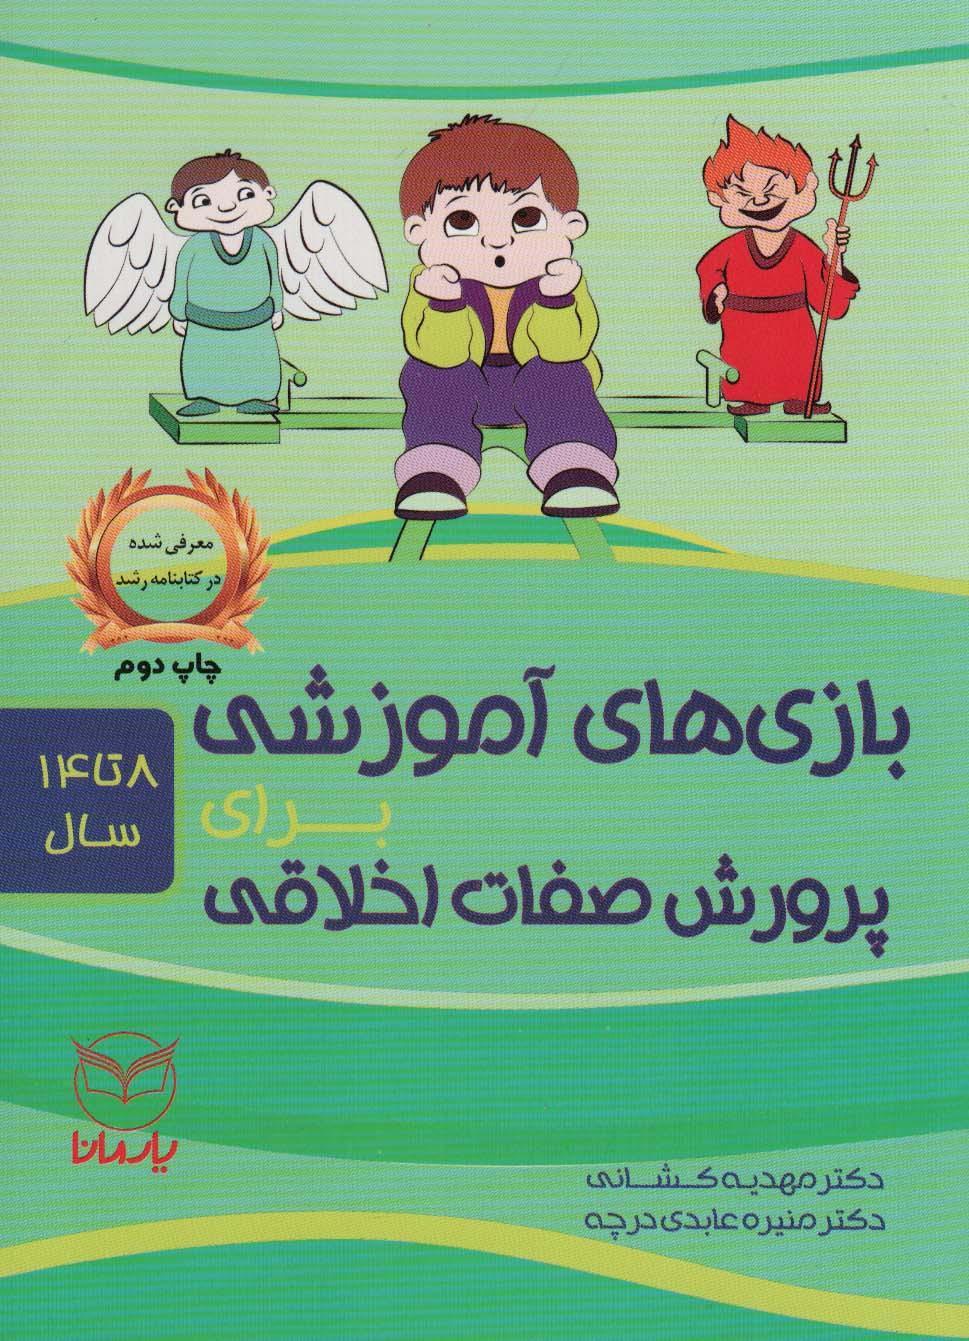 بازی های آموزشی برای پرورش صفات اخلاقی (8تا14سال)